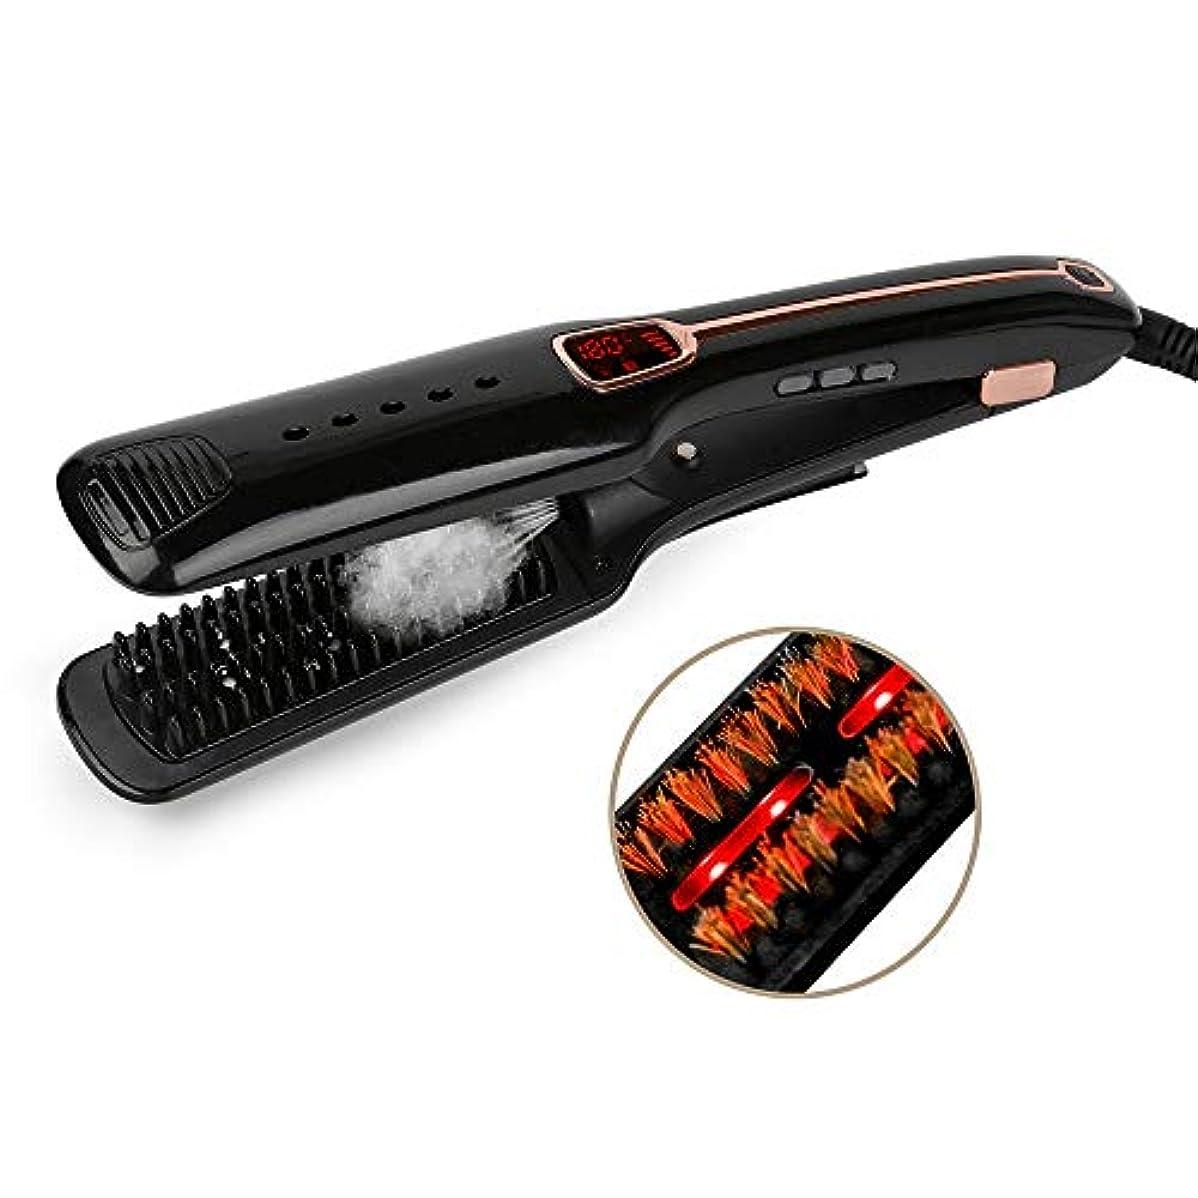 評決ソートリフトストレートヘアスティック LCDディスプレイデザインの赤外線スチームストレートナーポータブルホーム調節可能な温度ストレートヘアスティックは、ストレージと旅行に非常に適しています すべてのタイプの髪に適しています (色 :...